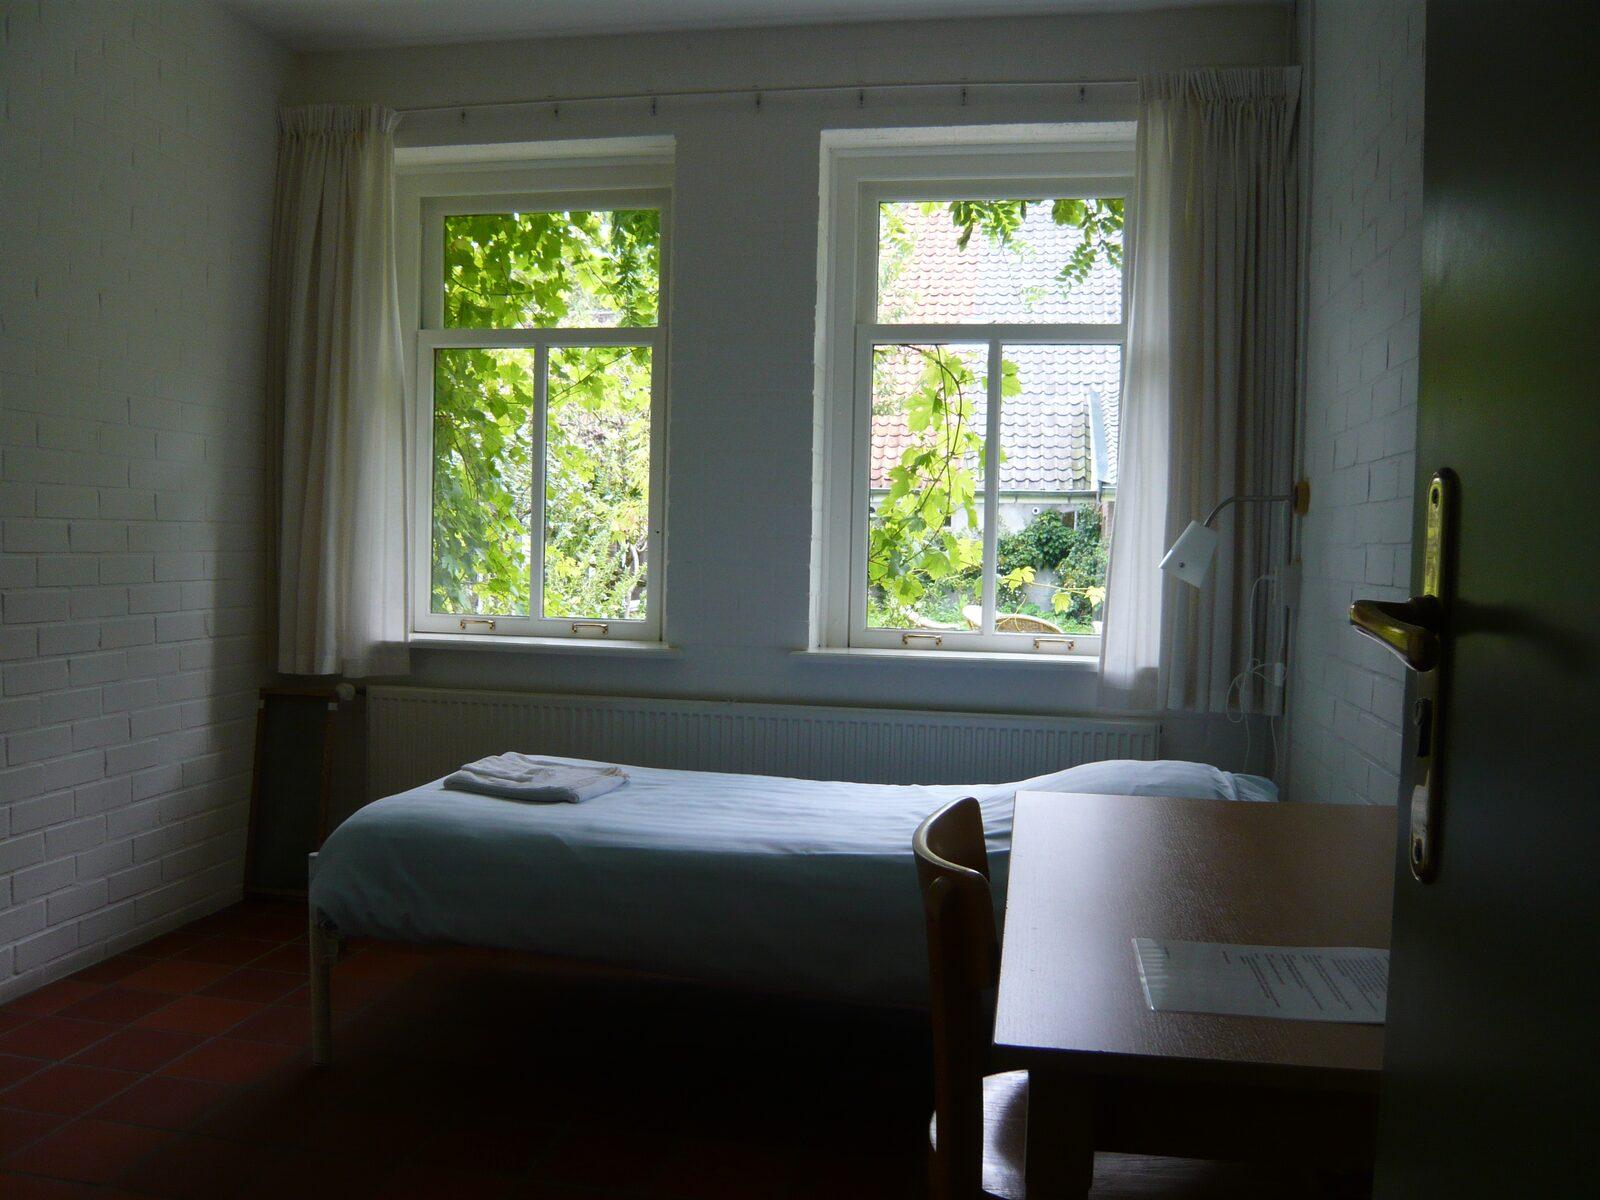 slaapkamer met ramen